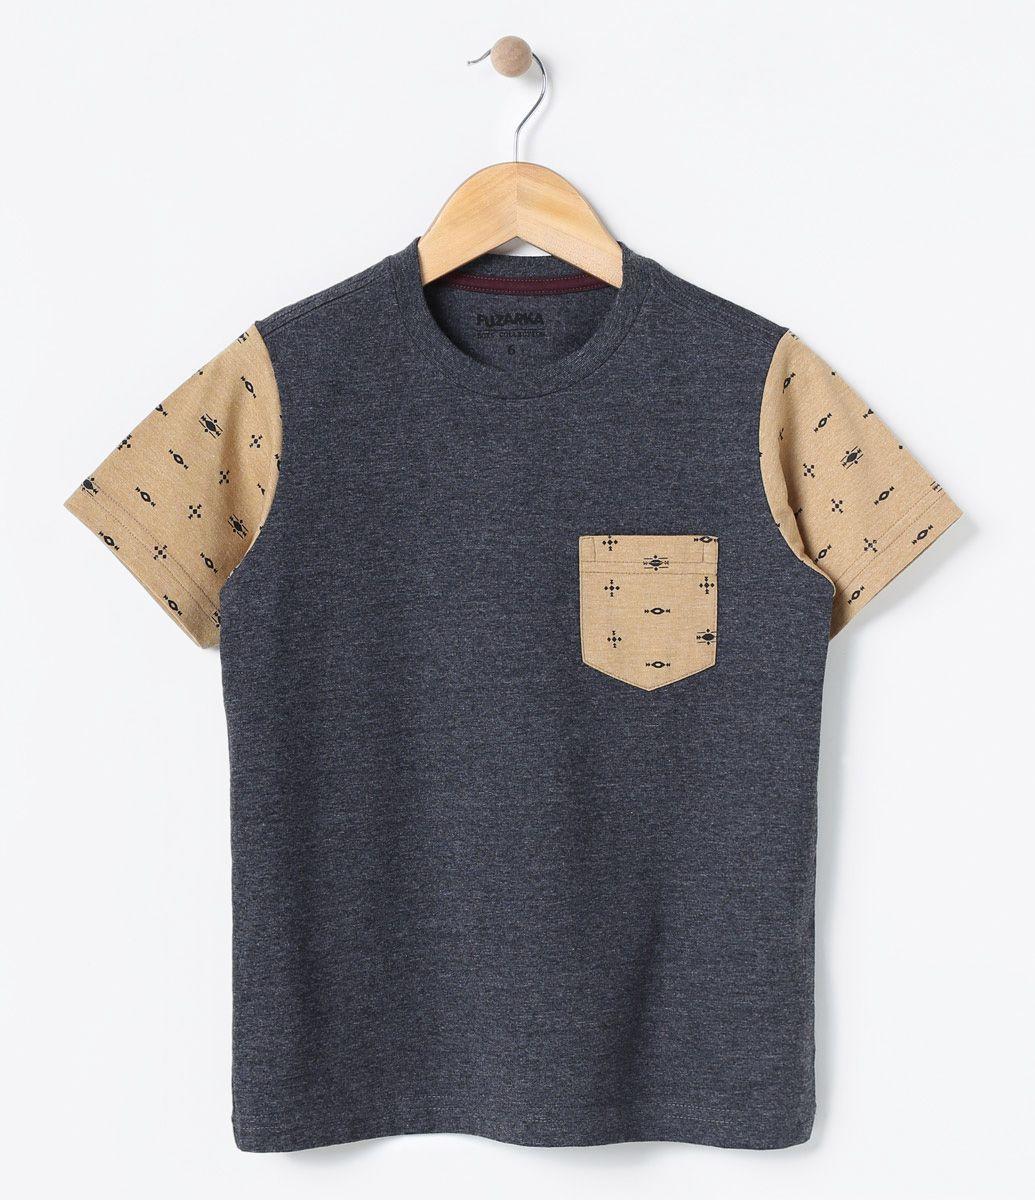 Camiseta infantil Manga curta Gola redonda Estampada Marca  Fuzarka Tecido   meia malha COLEÇÃO VERÃO f0c01878c1e50